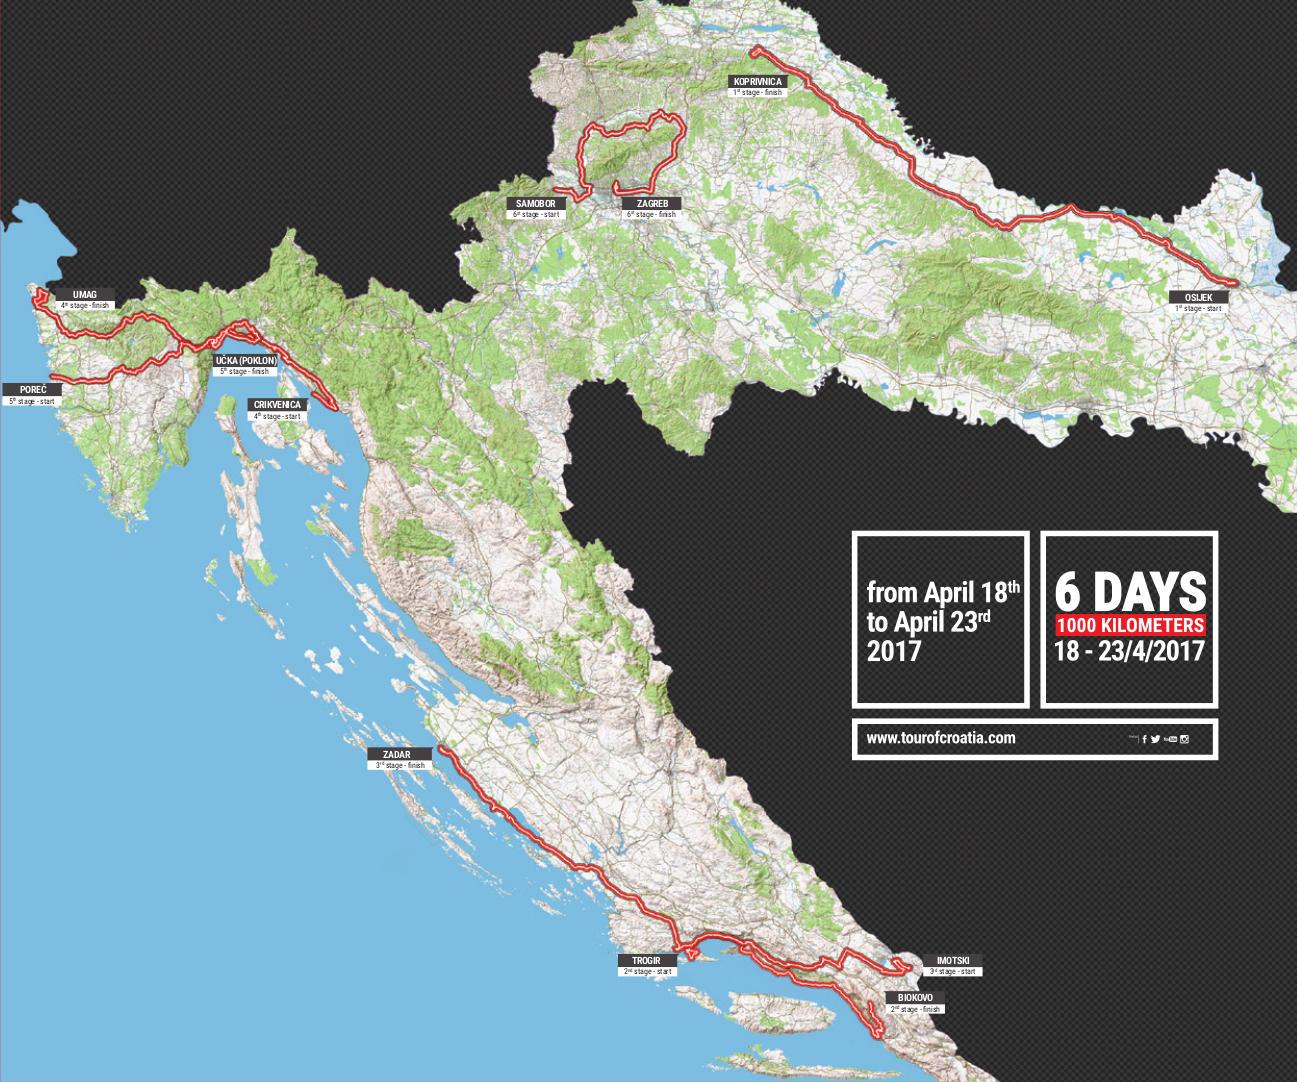 Giro di Croazia 2017 - Tappe e Percorso